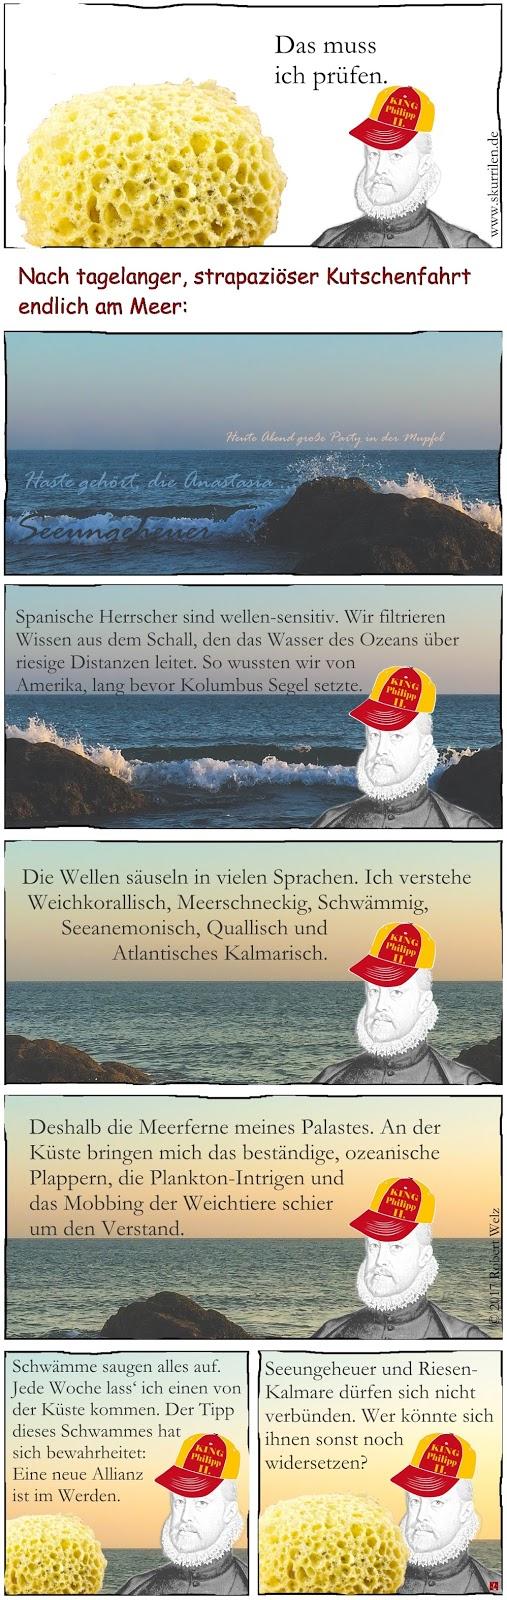 schräge Fantasy im Web-Comic mit Philipp II. von Spanien. Ein iberischer Herrscher lauscht einem Schwamm und dem Ozean.